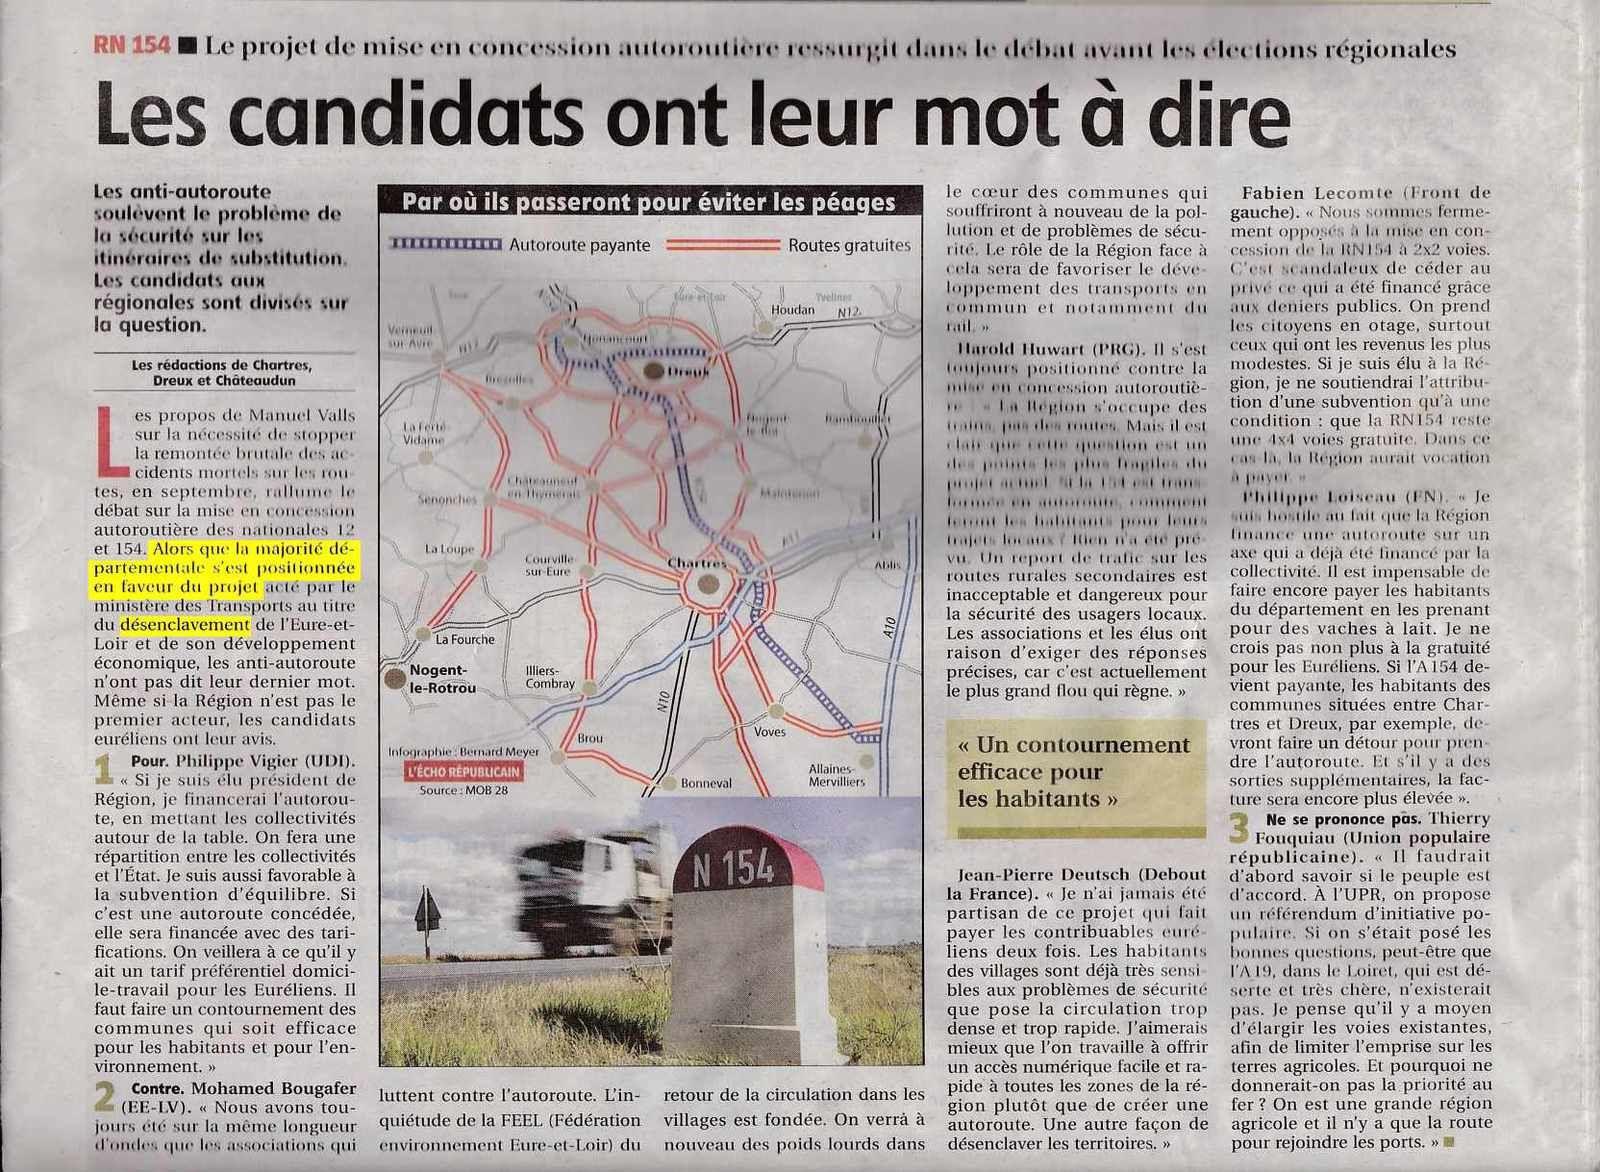 Régionales : une seule liste pour le projet d'autoroute